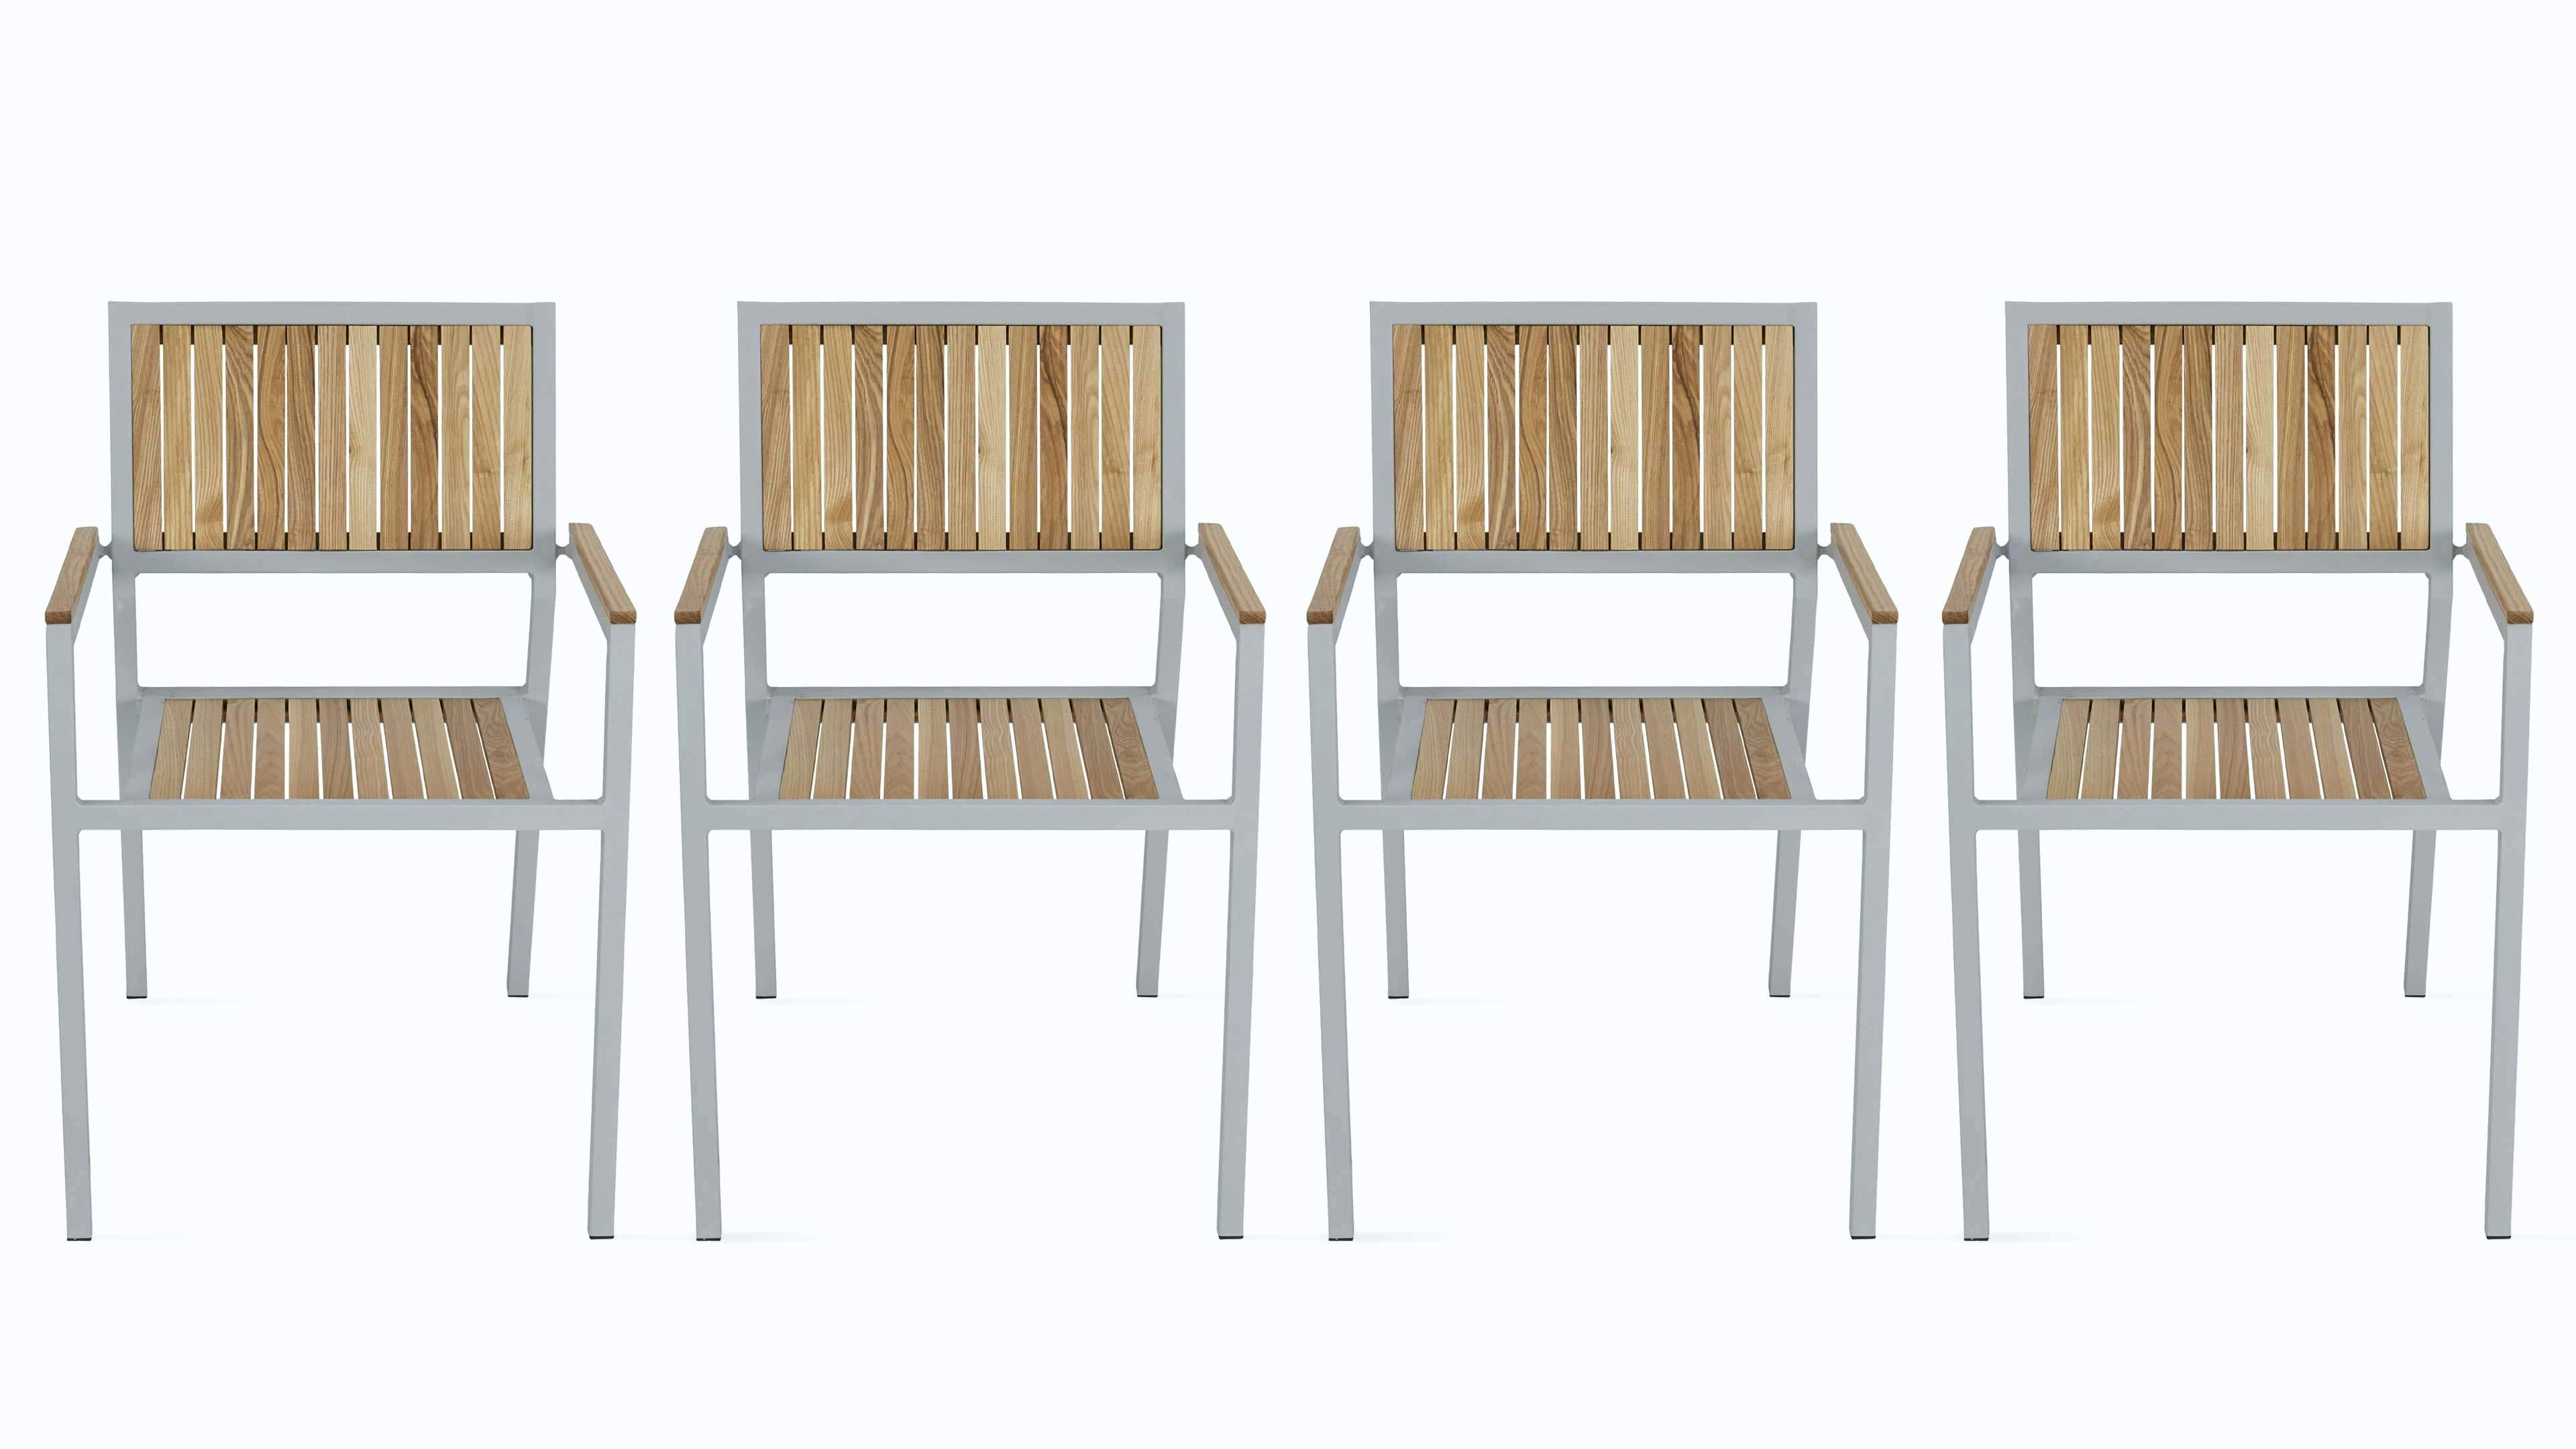 Salon de jardin en bois laqué blanc - Abri de jardin et balancoire idée